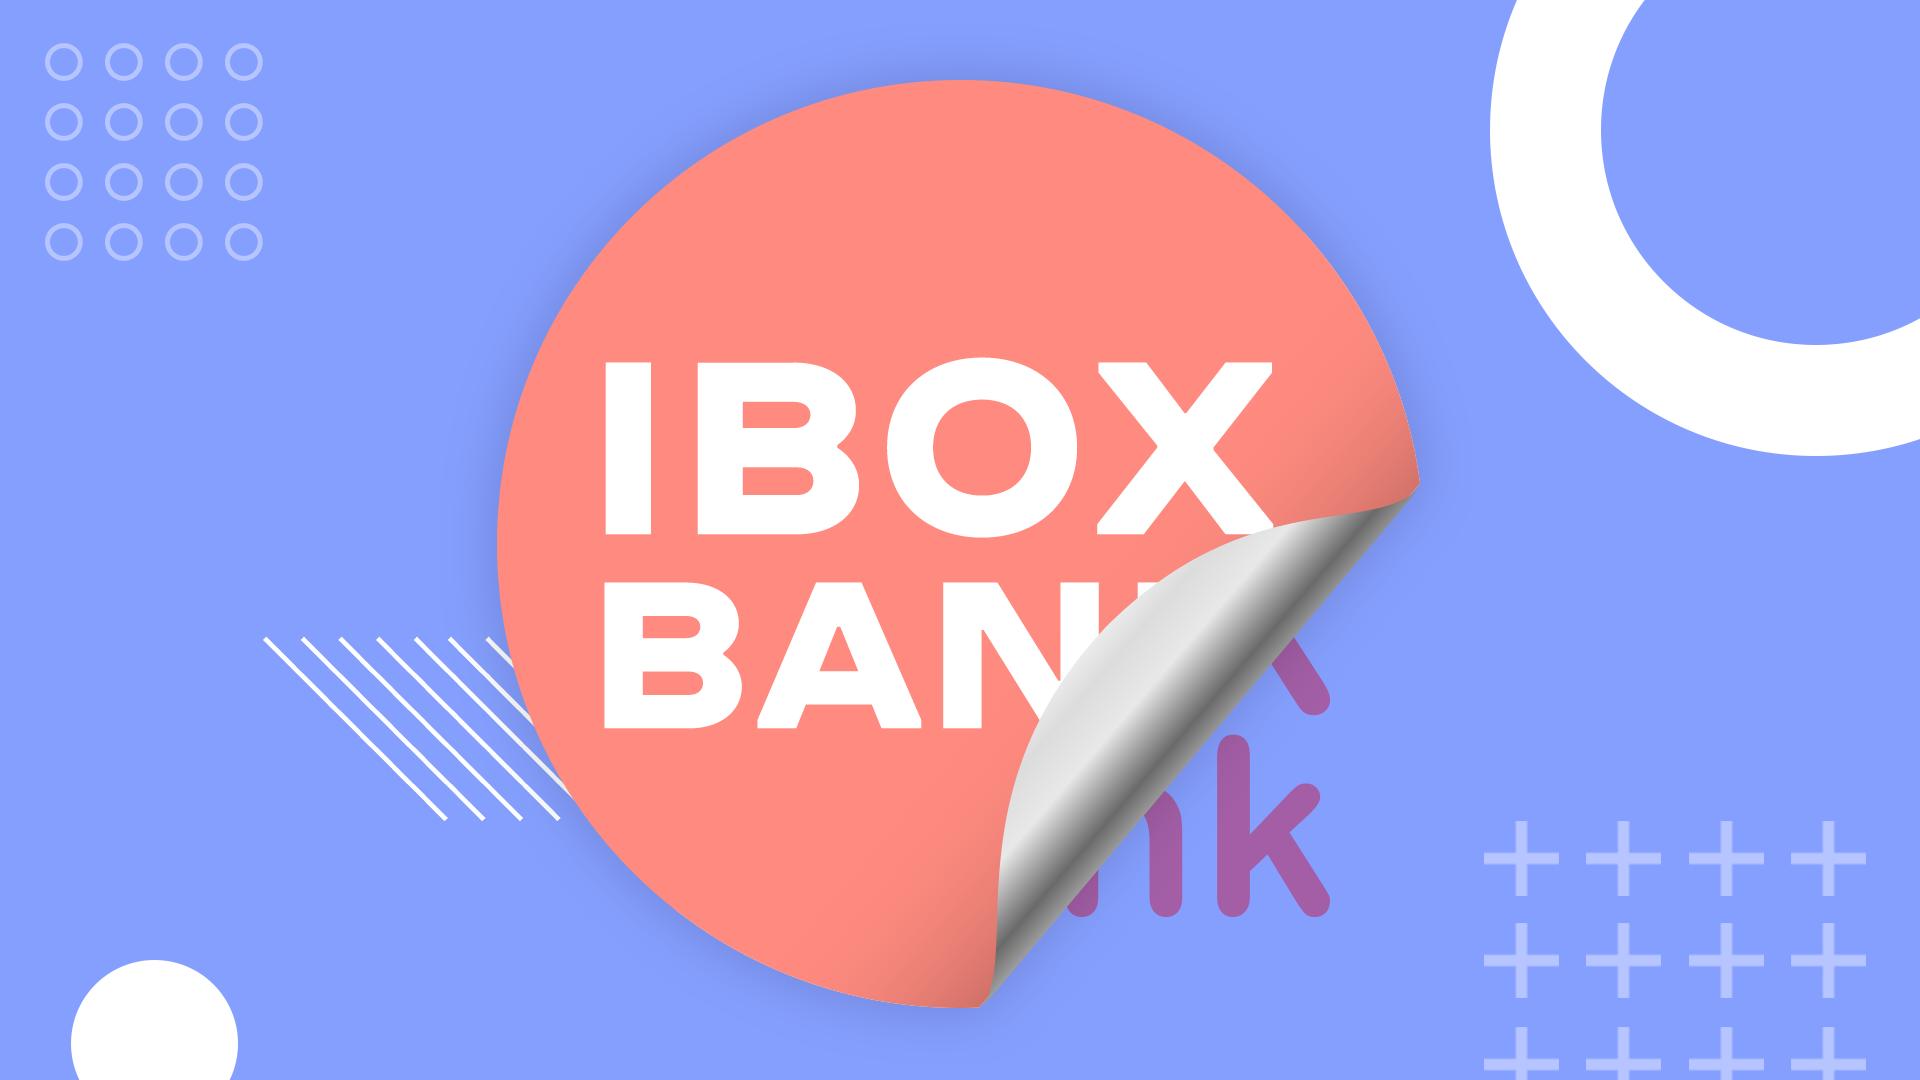 ibox_bank_onoviv_audentiku.html